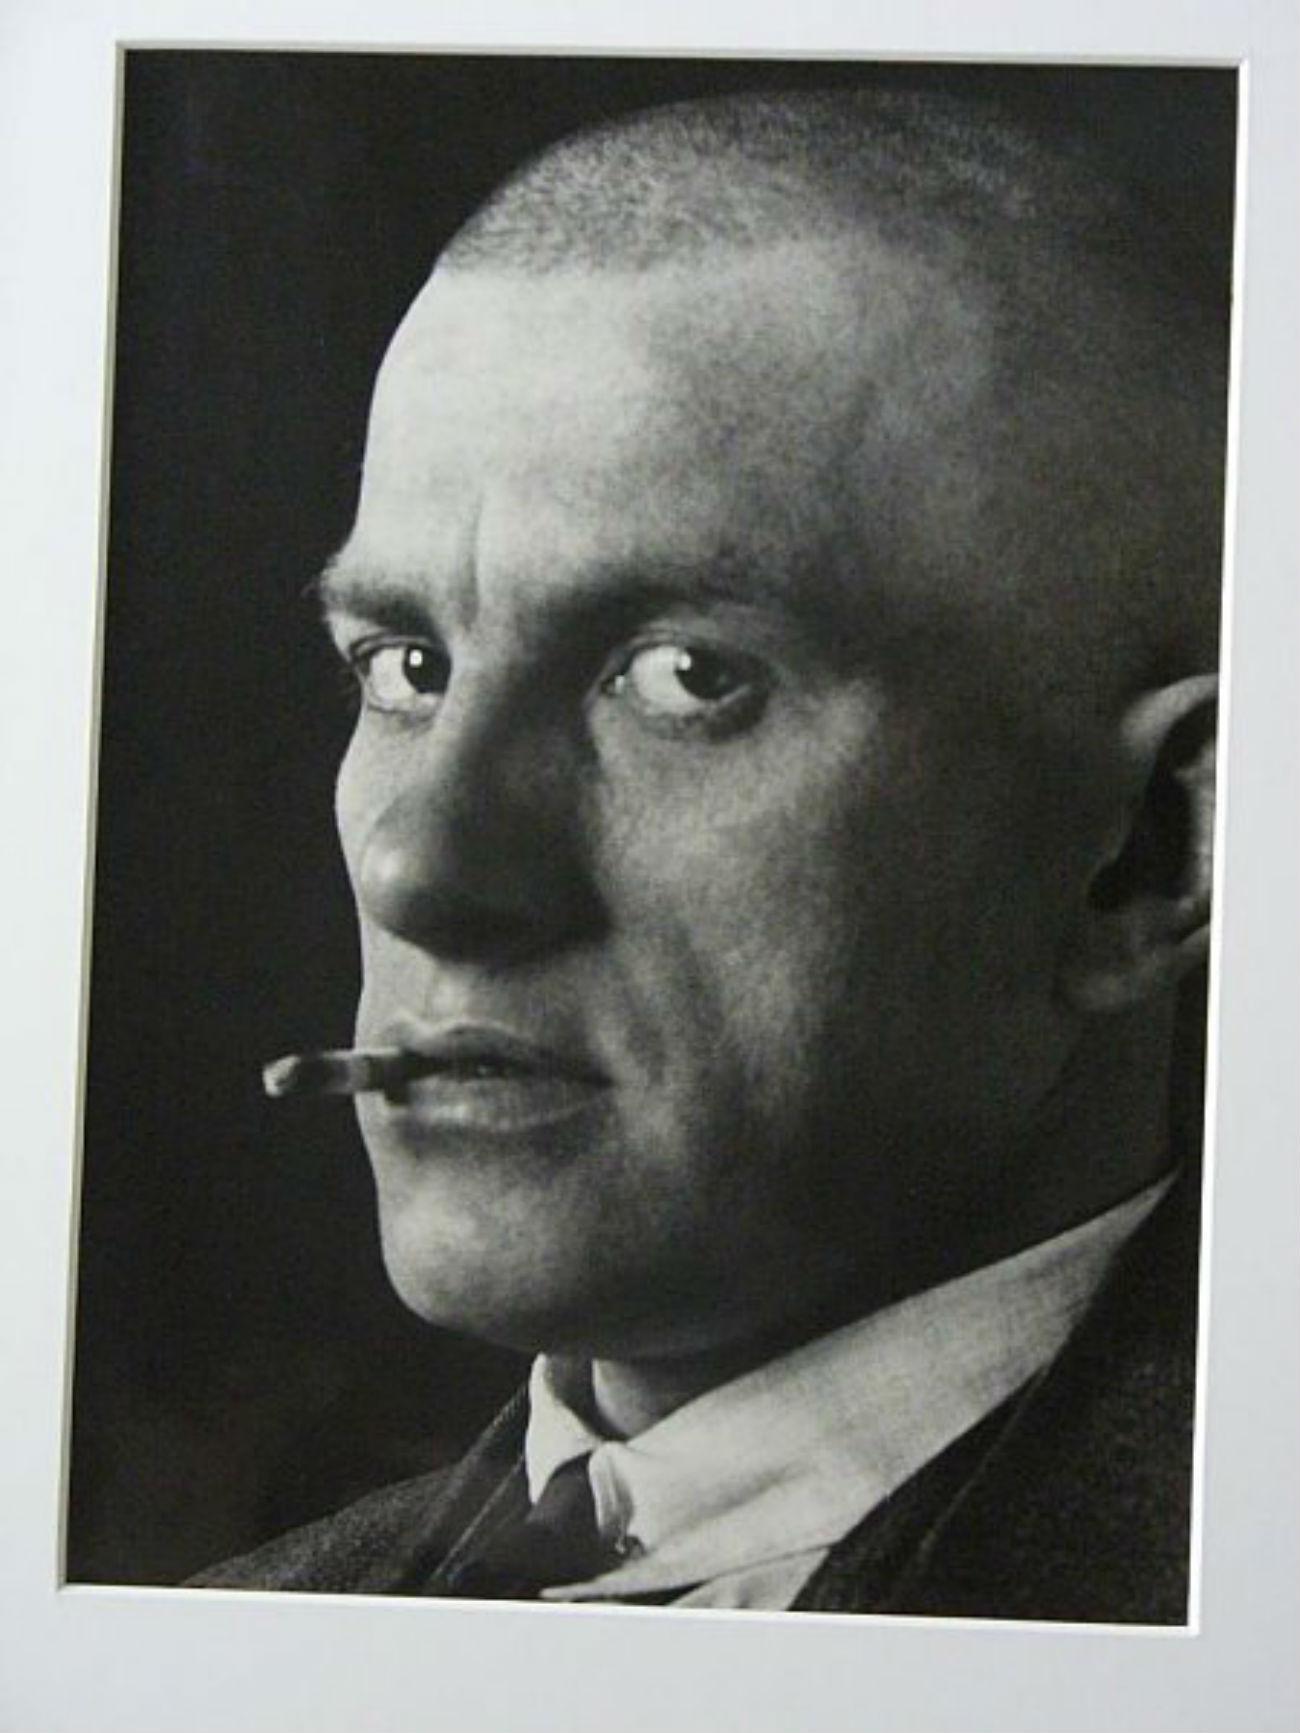 Il travaillait régulièrement en collaboration avec sa femme, l'artiste Varvara Stepanova. Avec elle, il réalisa notamment plusieurs albums de photographies, dont Les 15 ans du Kazakhstan, L'Aviation soviétique et L'Armée rouge. / Vladimir Maïakovski, 1924